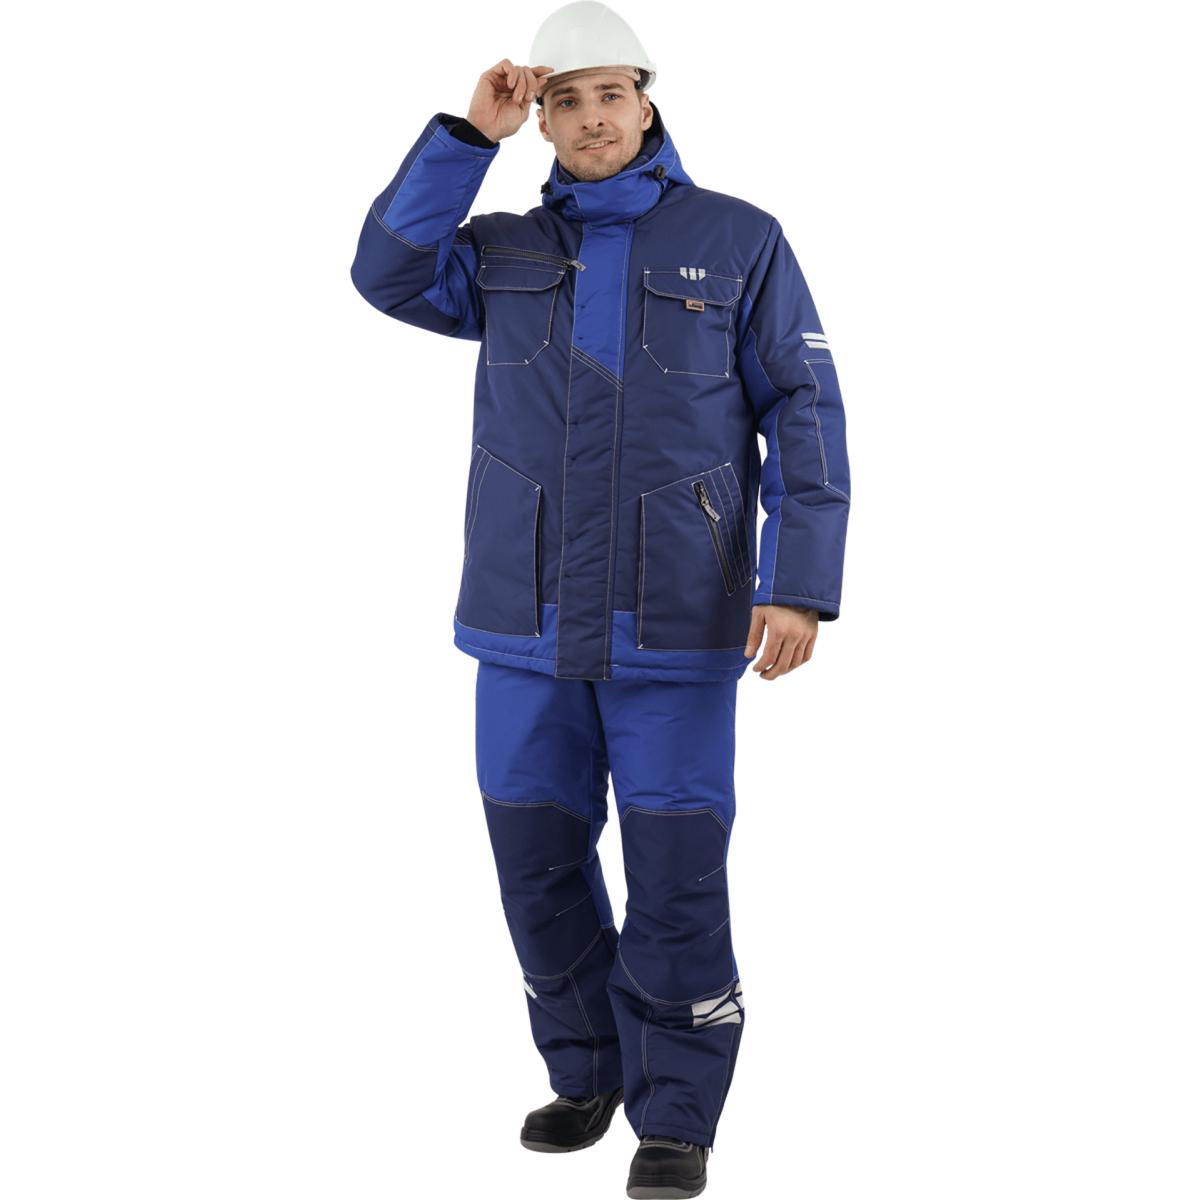 Куртка ЭДВАНС утепленная синий-василек (разм. 88-92 рост 182-188)